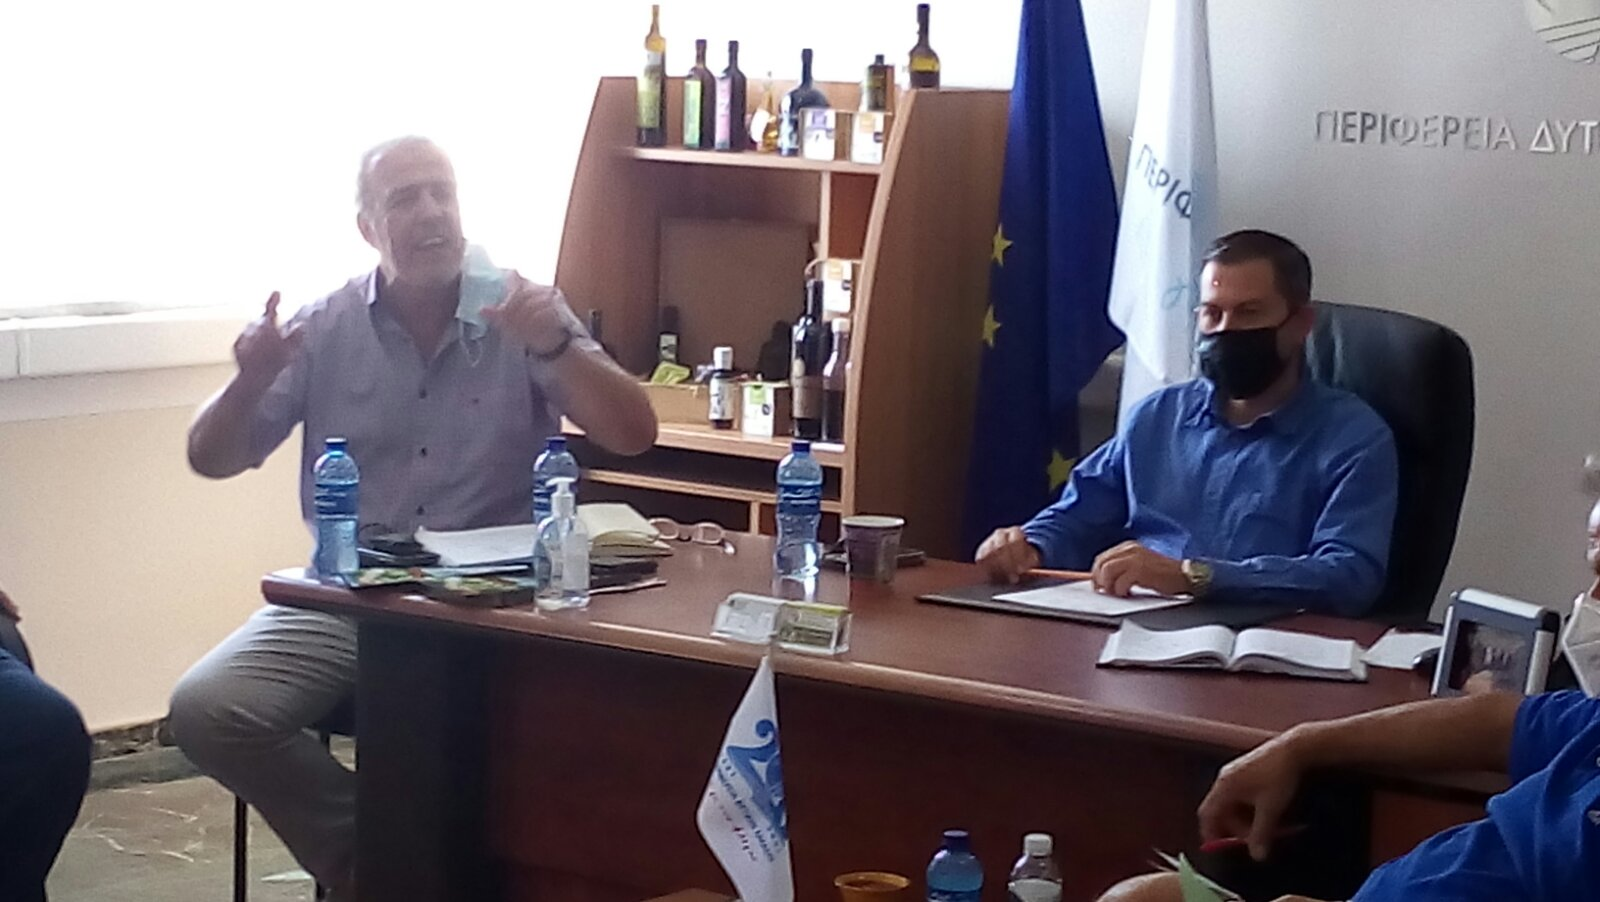 Ηλεία: Νέα σύσκεψη του Αντιπ/άρχη Θ. Βασιλόπουλου με διοικητικά συμβούλια και εργαζόμενουςτων TOEB